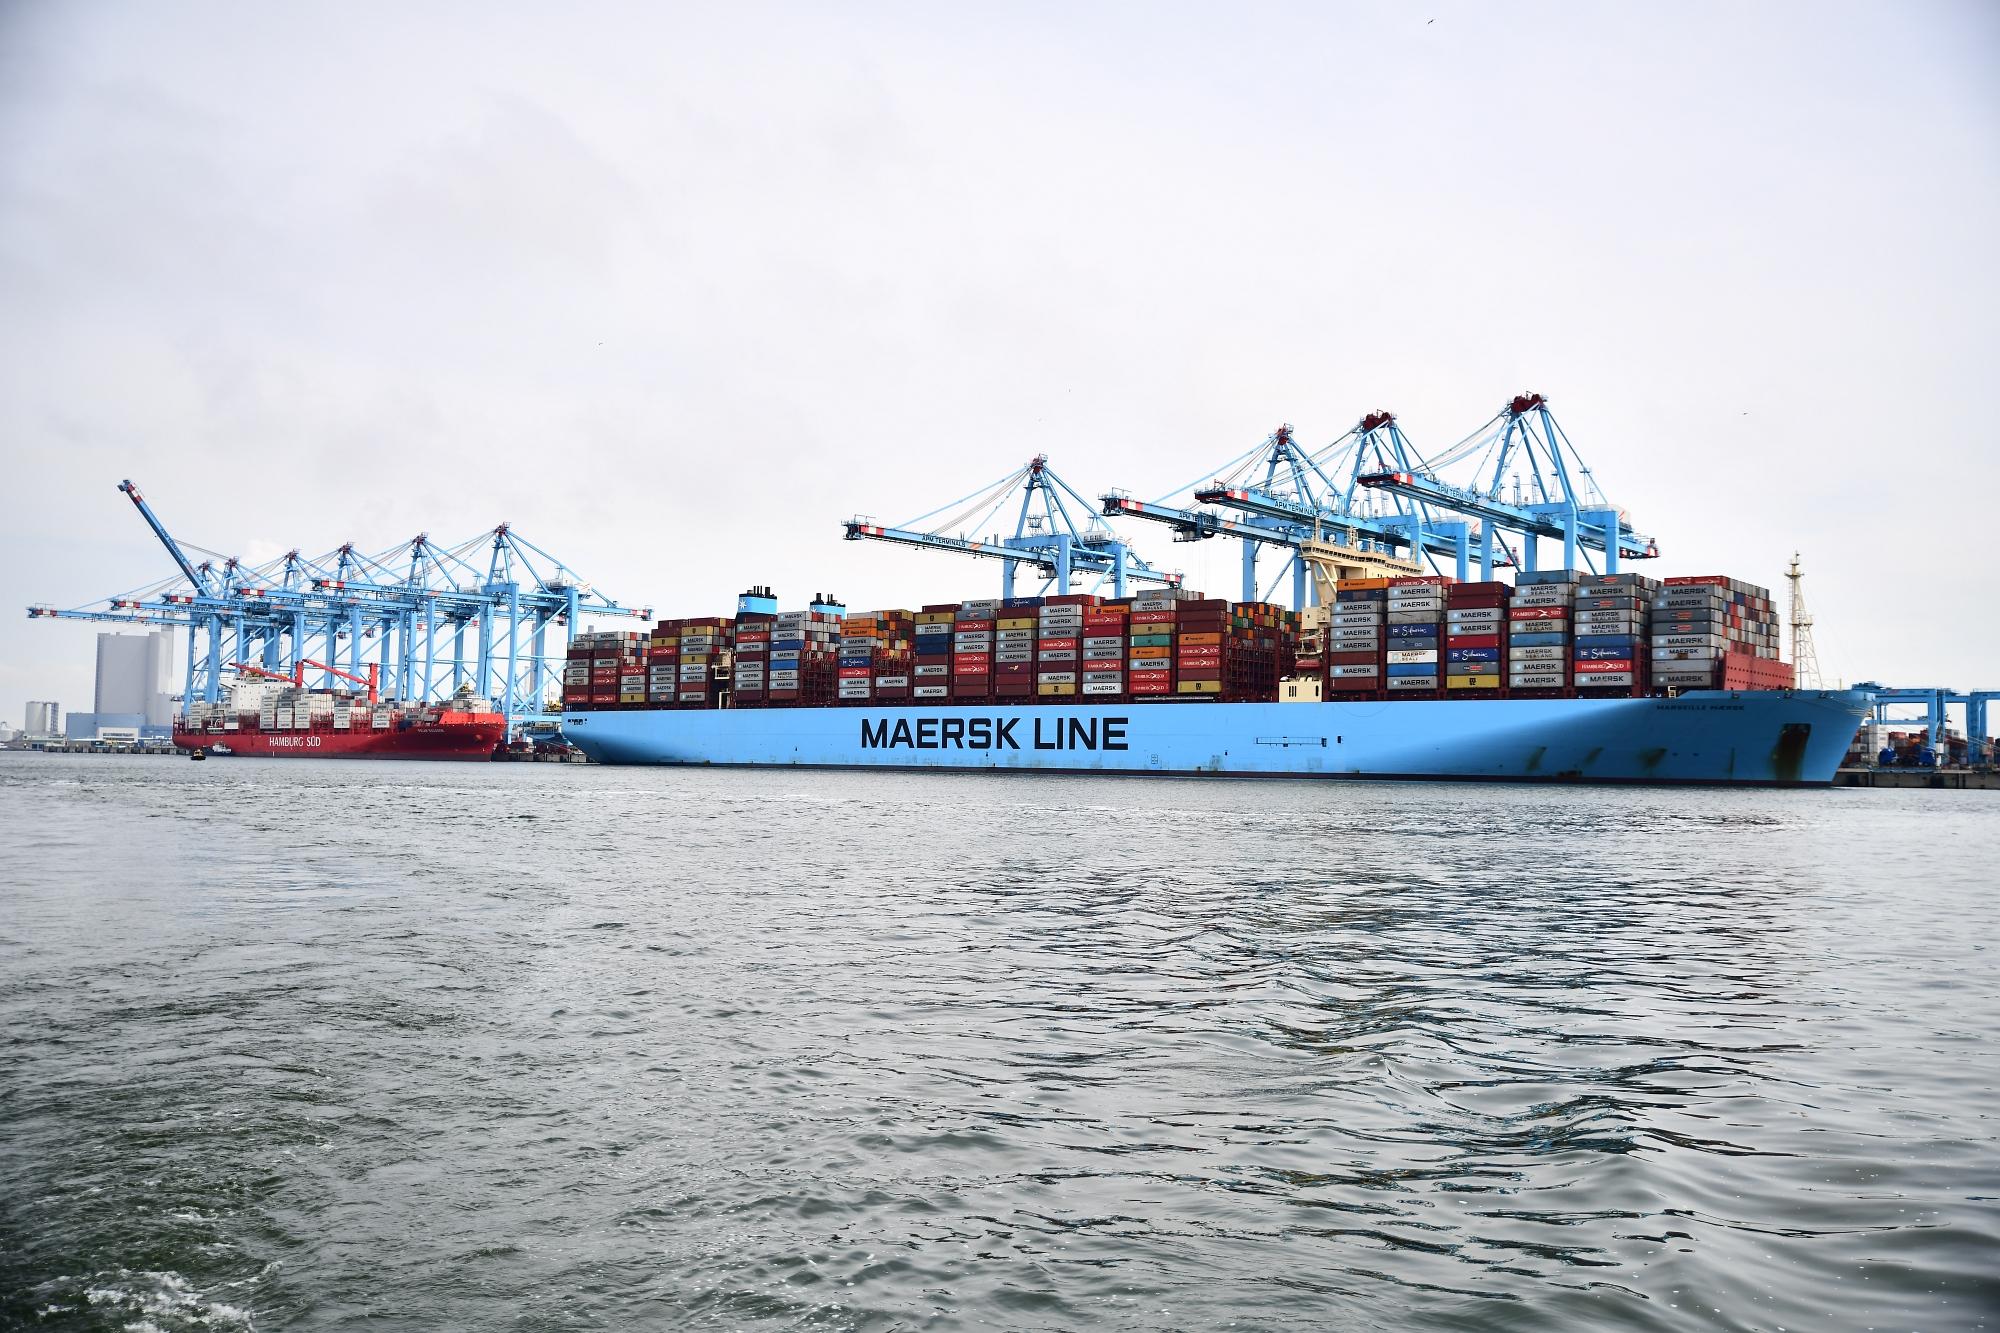 Binnenkort zullen de eerste containerschepen voor Maersk op methanol varen. (Foto Maersk)